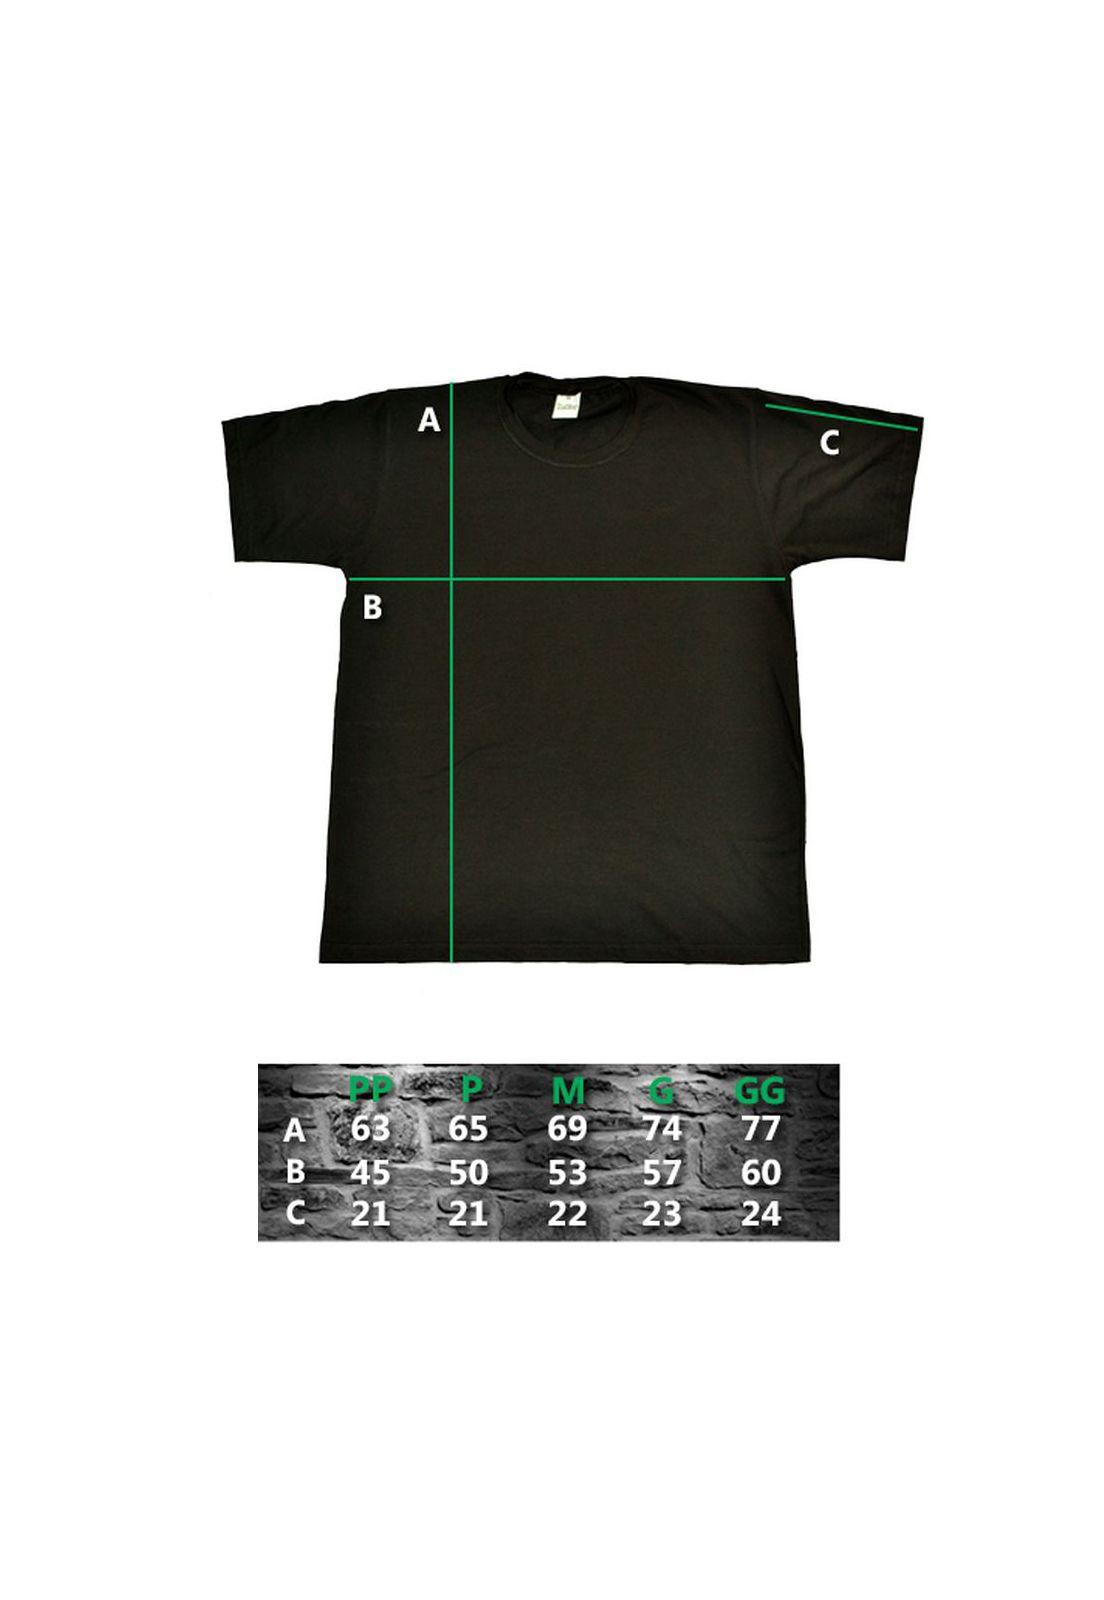 Camiseta Hshop Marinheiro Preto  - HShop